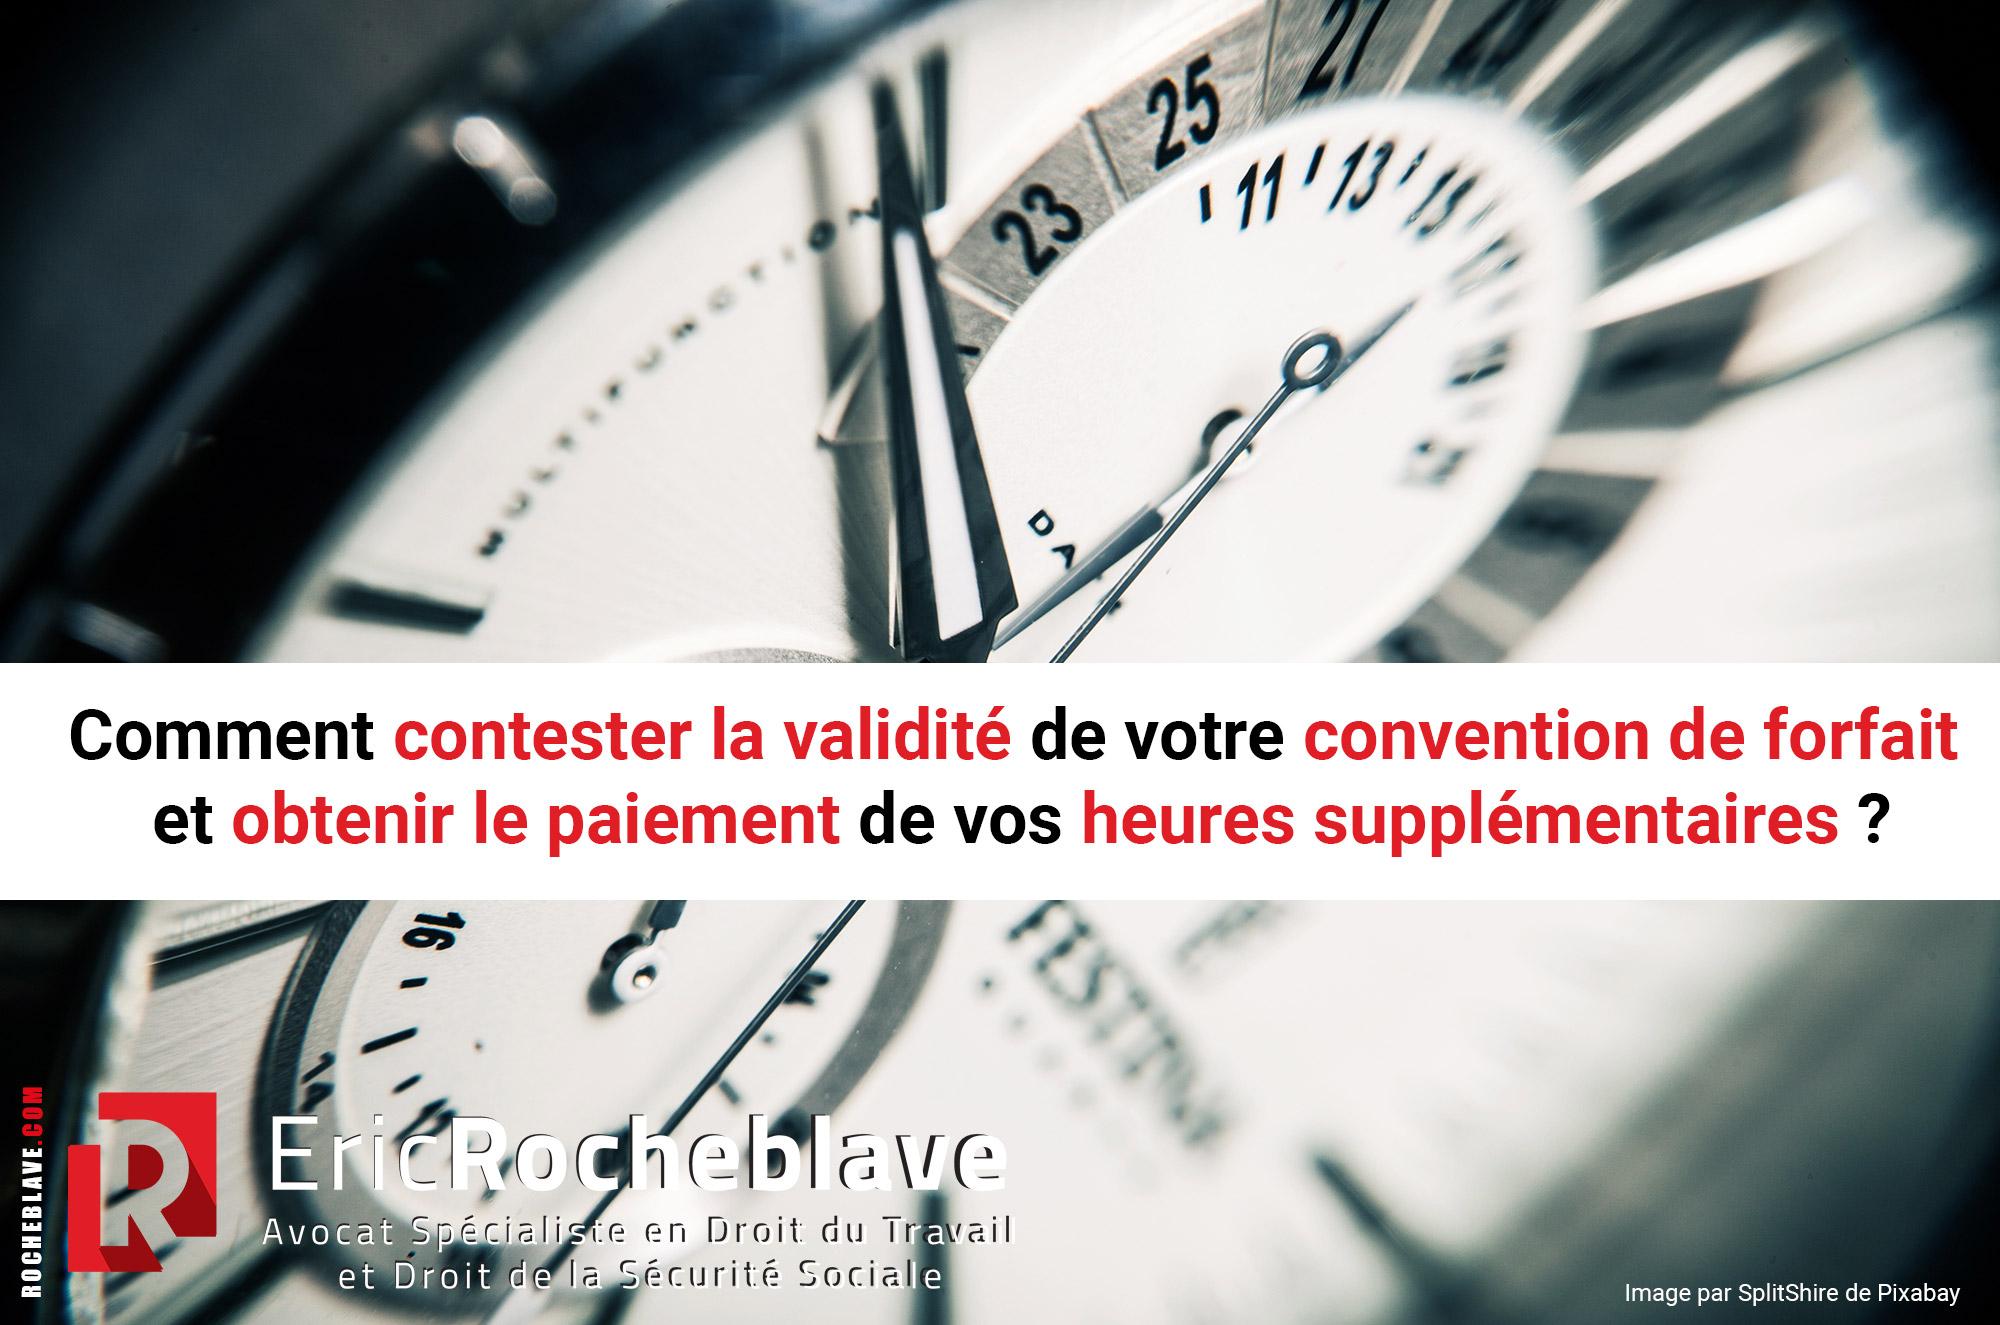 Comment contester la validité de votre convention de forfait et obtenir le paiement de vos heures supplémentaires ?